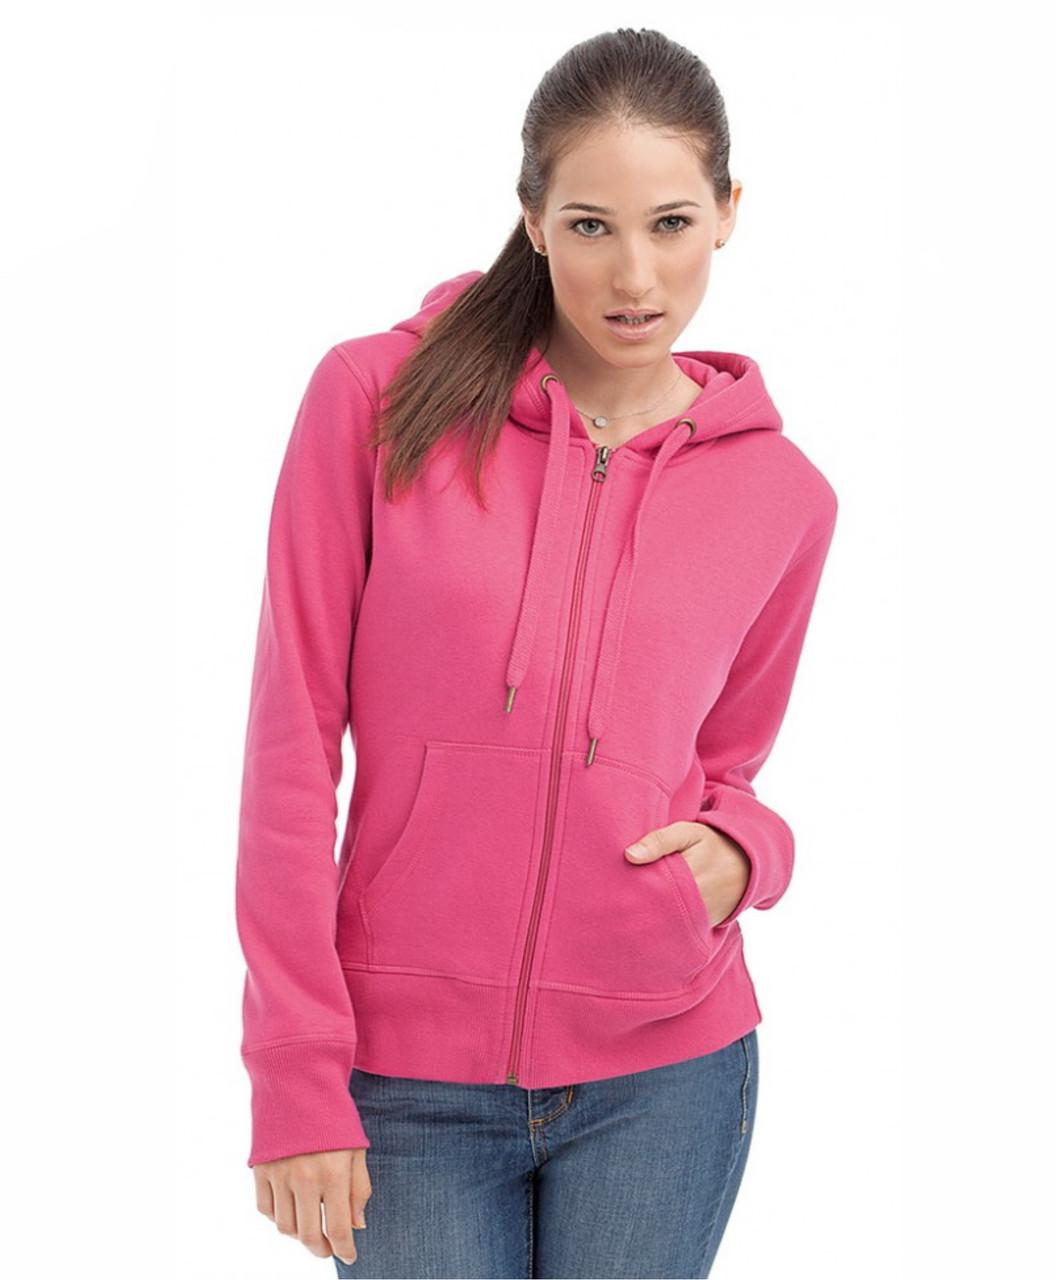 Женская кофта с капюшоном на молнии розовая, кенгуру Stedman - Sweet Pink CT5710, фото 1